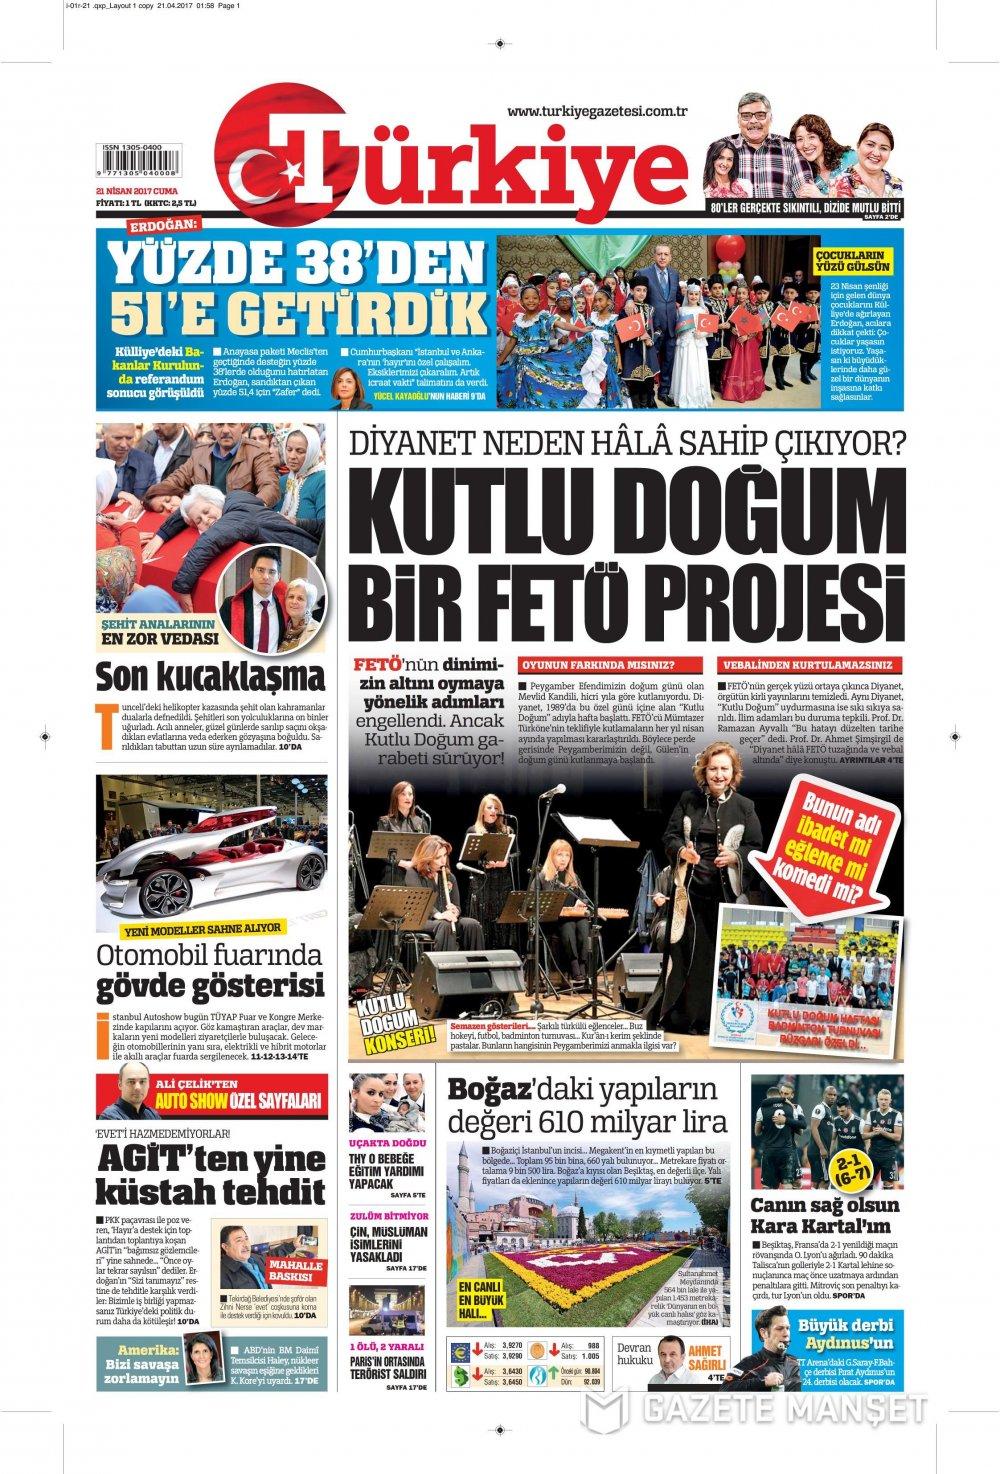 turkiye-gazetesi-feto-kutlu-dogum.jpg